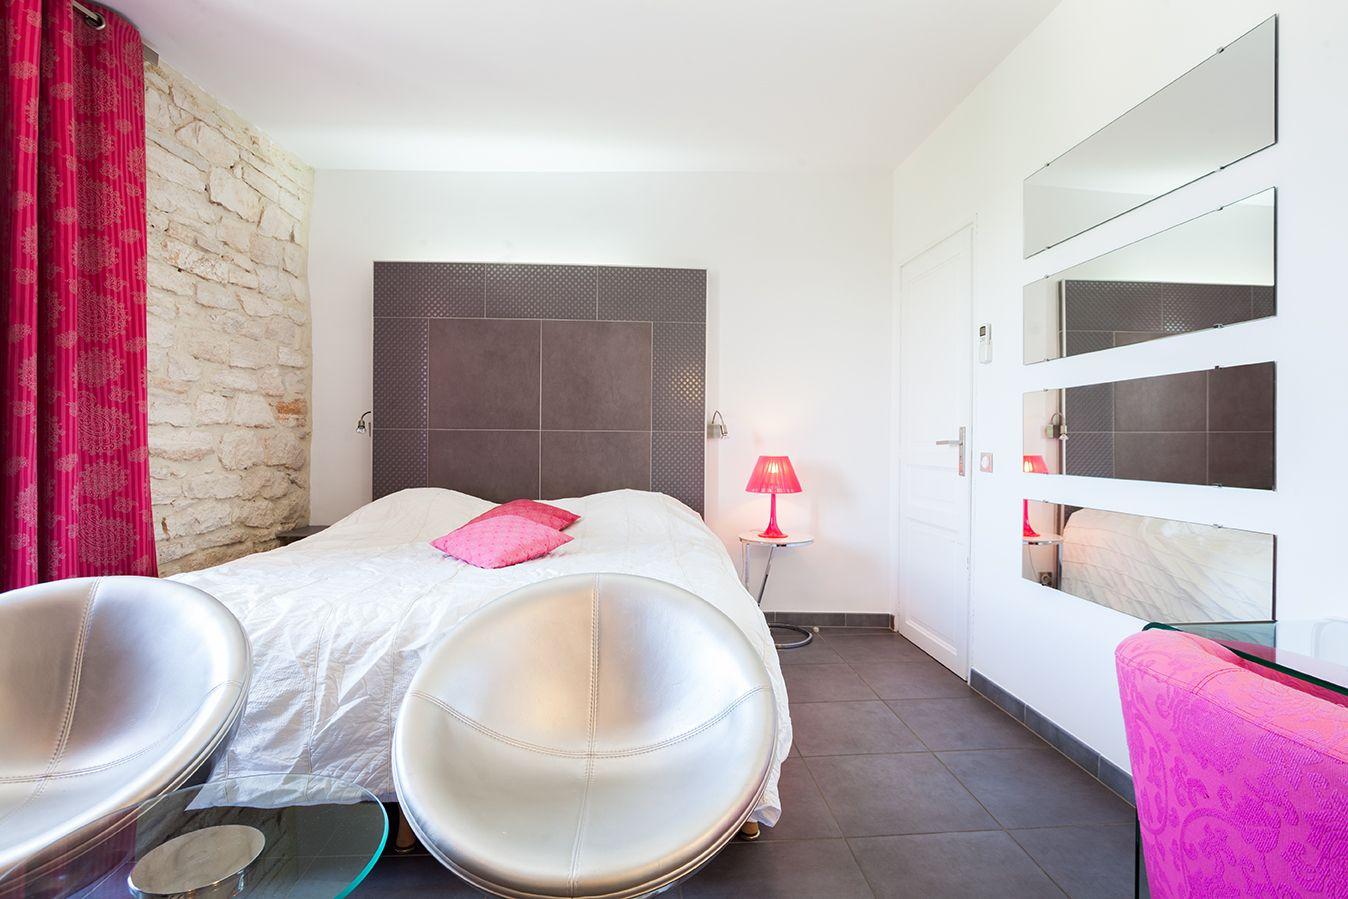 Un séjour paisible dans la chambre Charme de l' #hotel Le Mas. #contemporain #moderne #colour #rose #pink #blanc #white